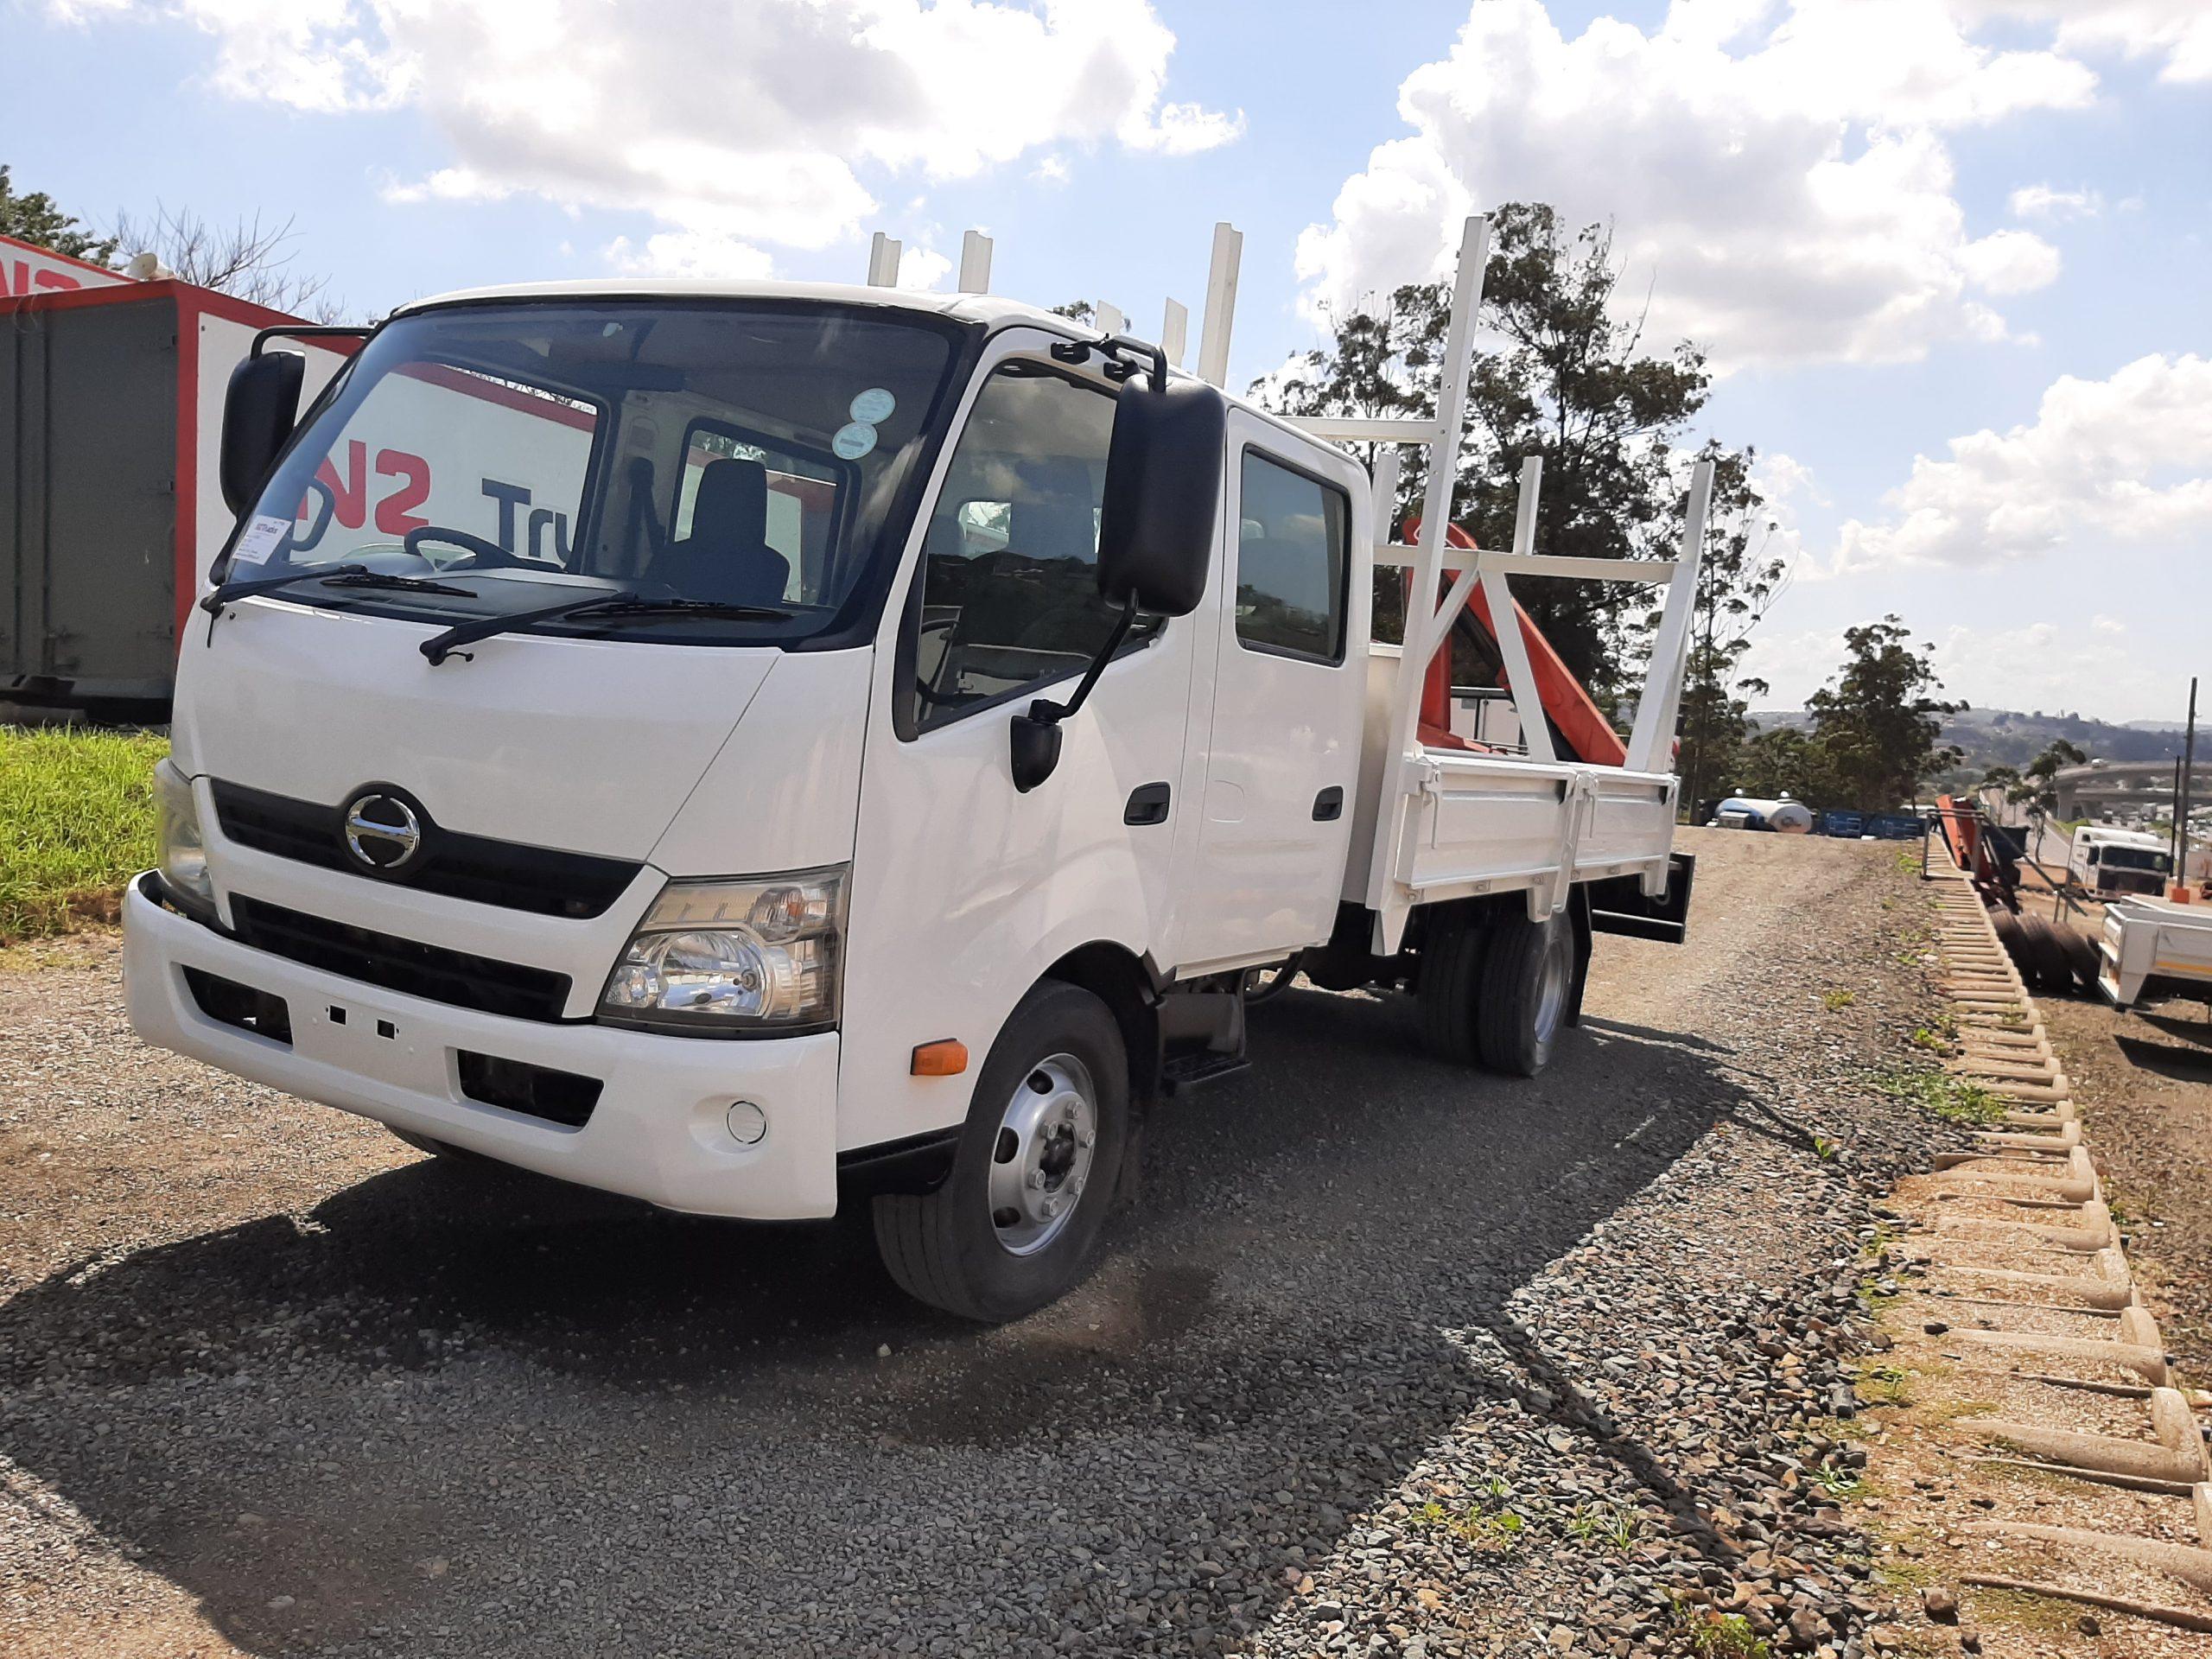 2013-hino-300-815-a-t-crewcab-www.n2trucks.co.za